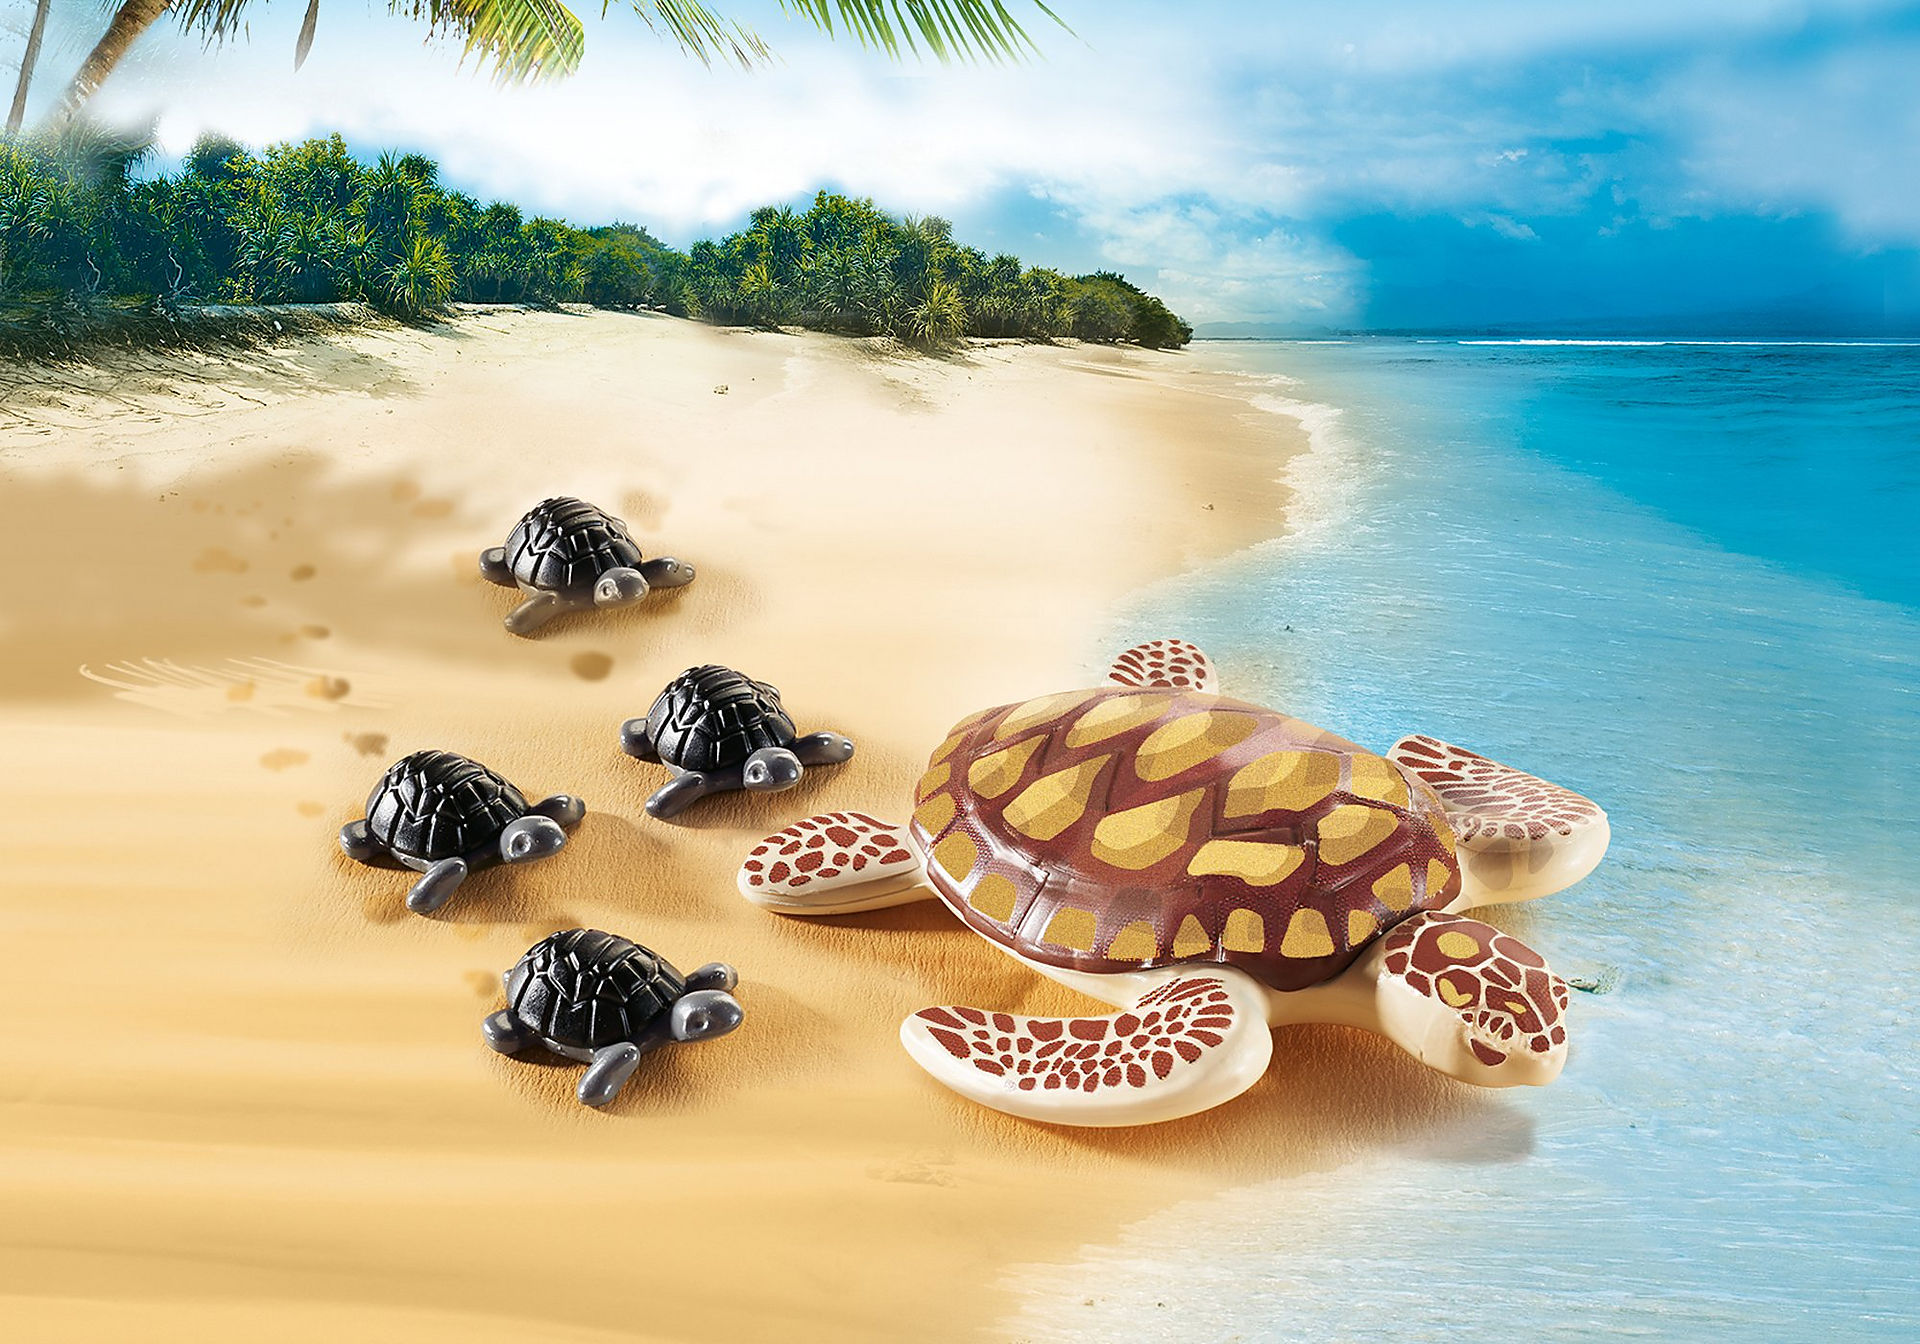 9071 Θαλάσσια χελώνα με χελωνάκια zoom image1